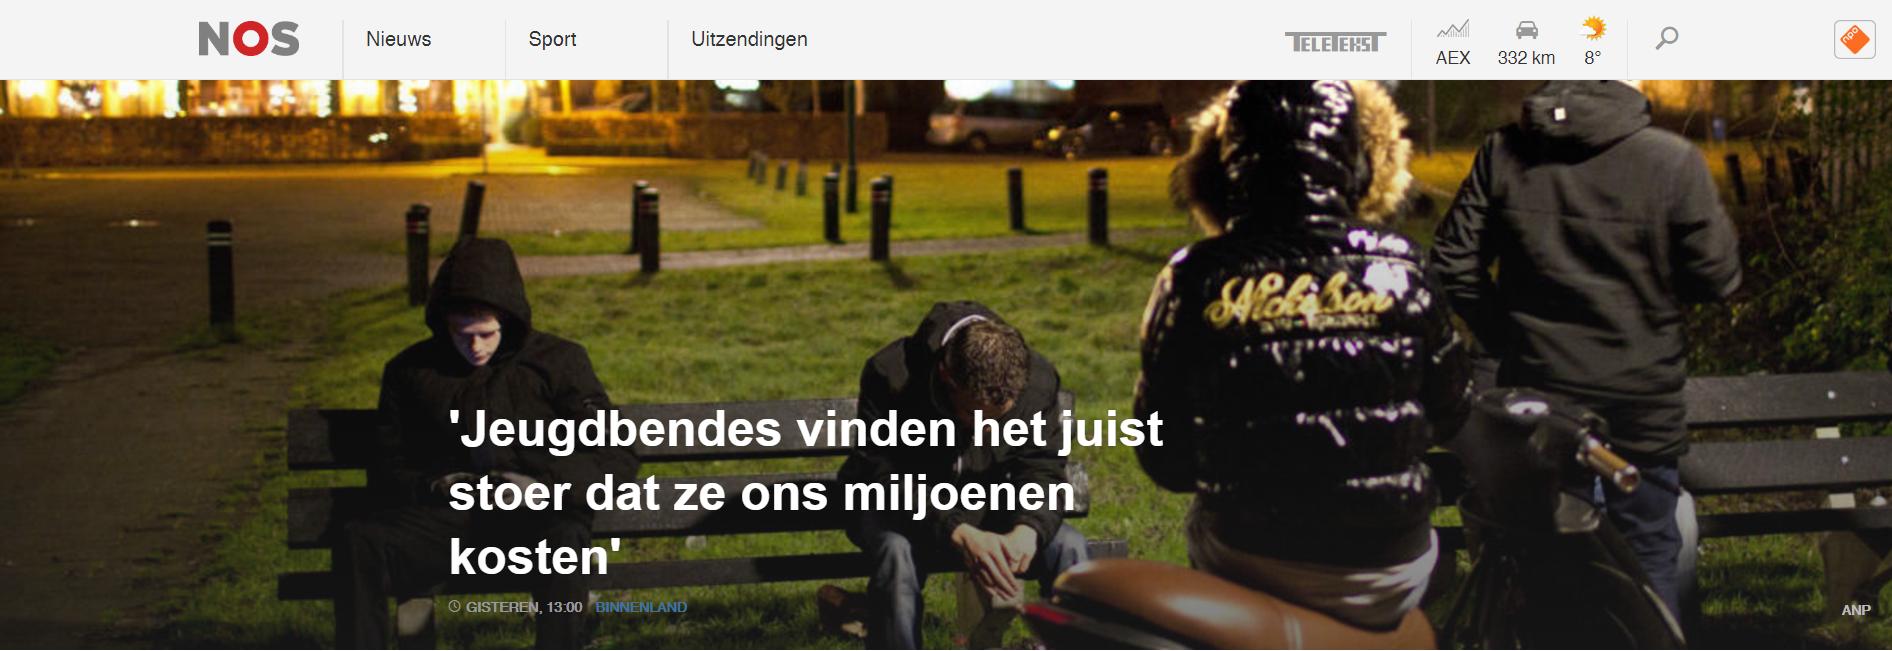 nos-nl